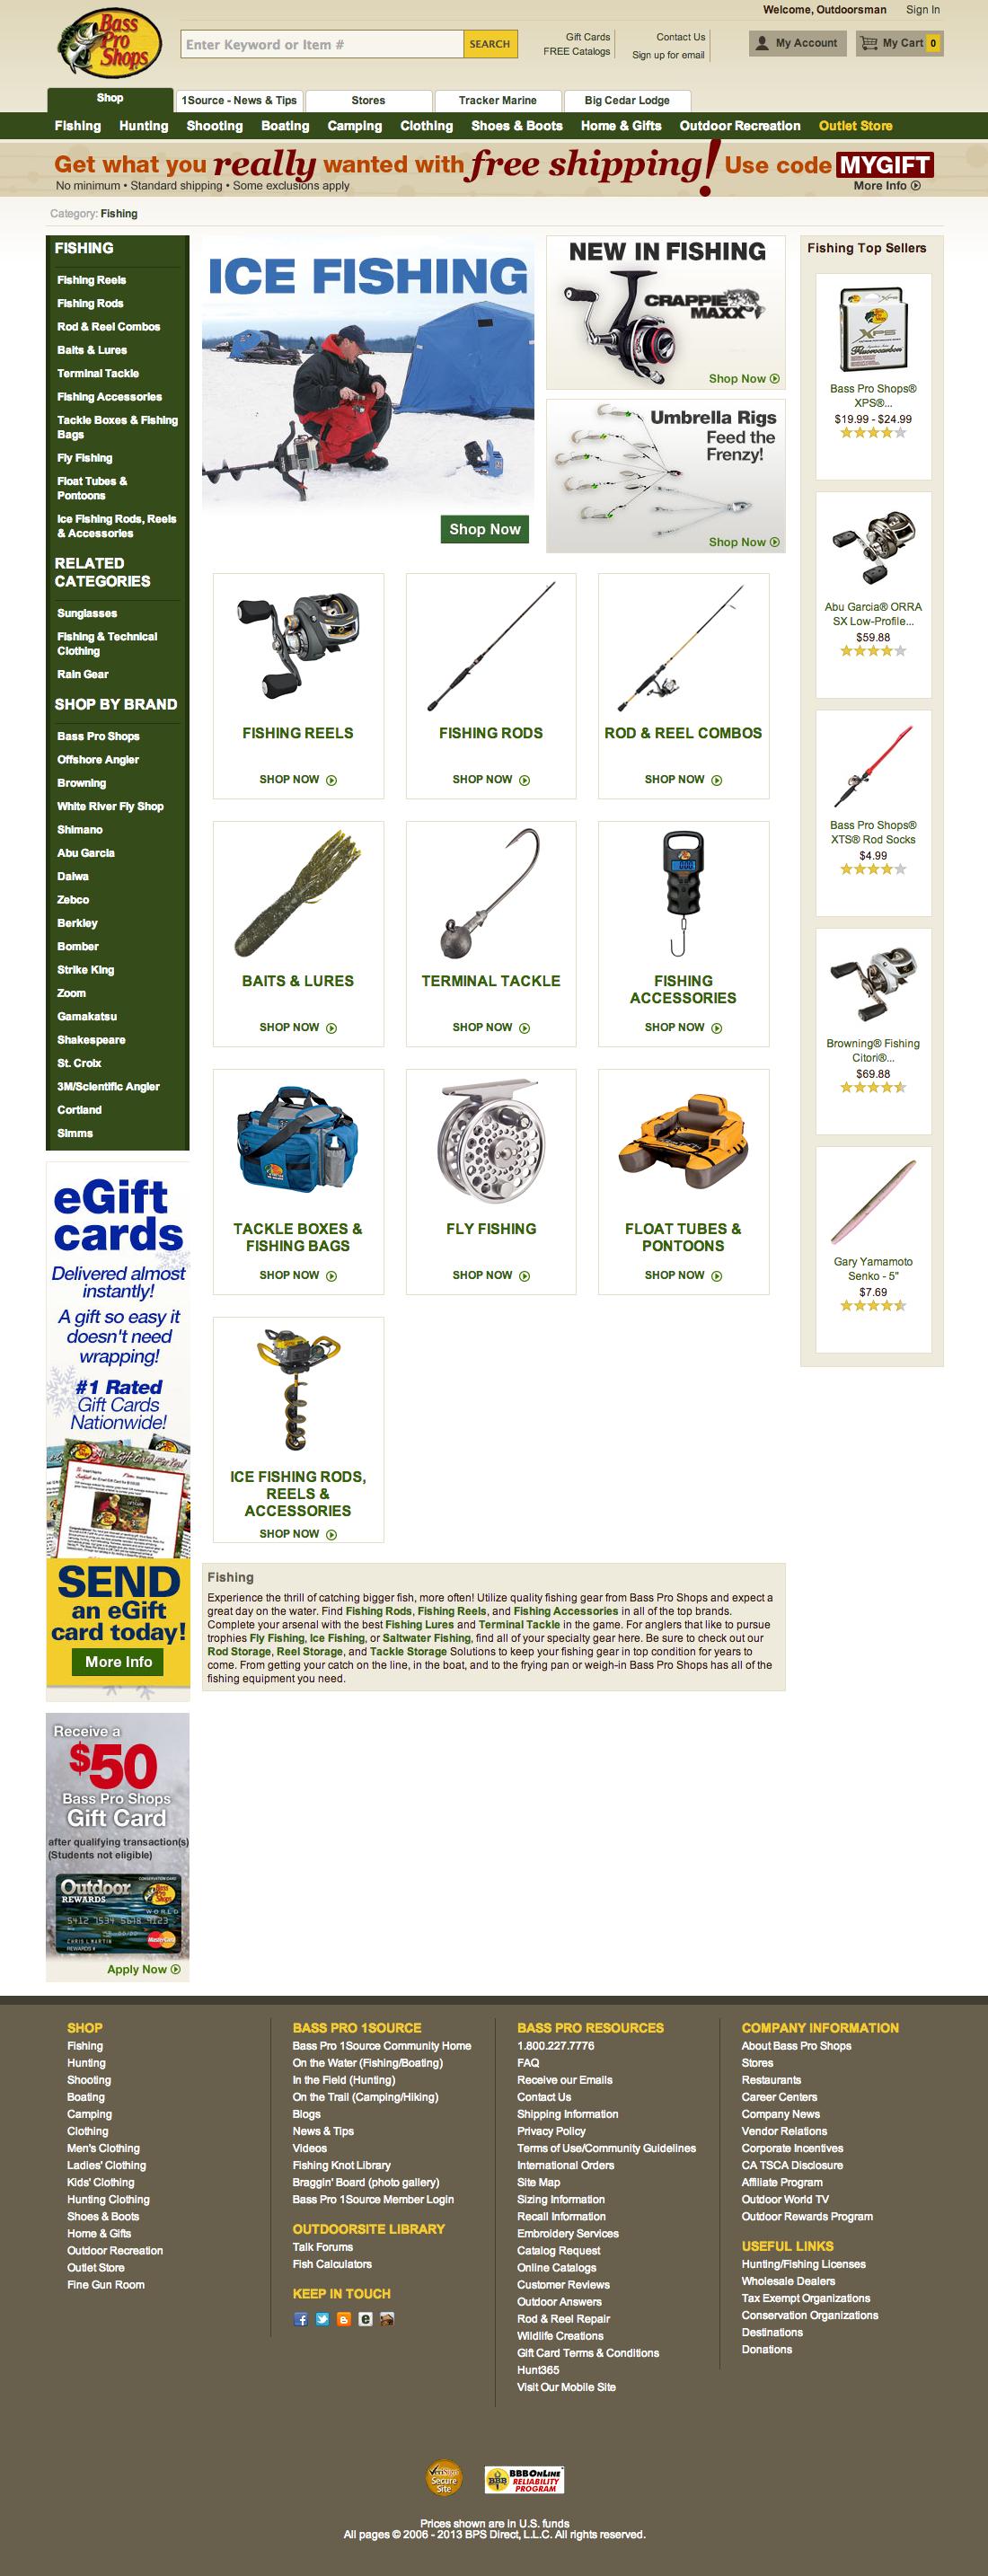 Bass pro shops 160 top level navigation design for Shop homepage